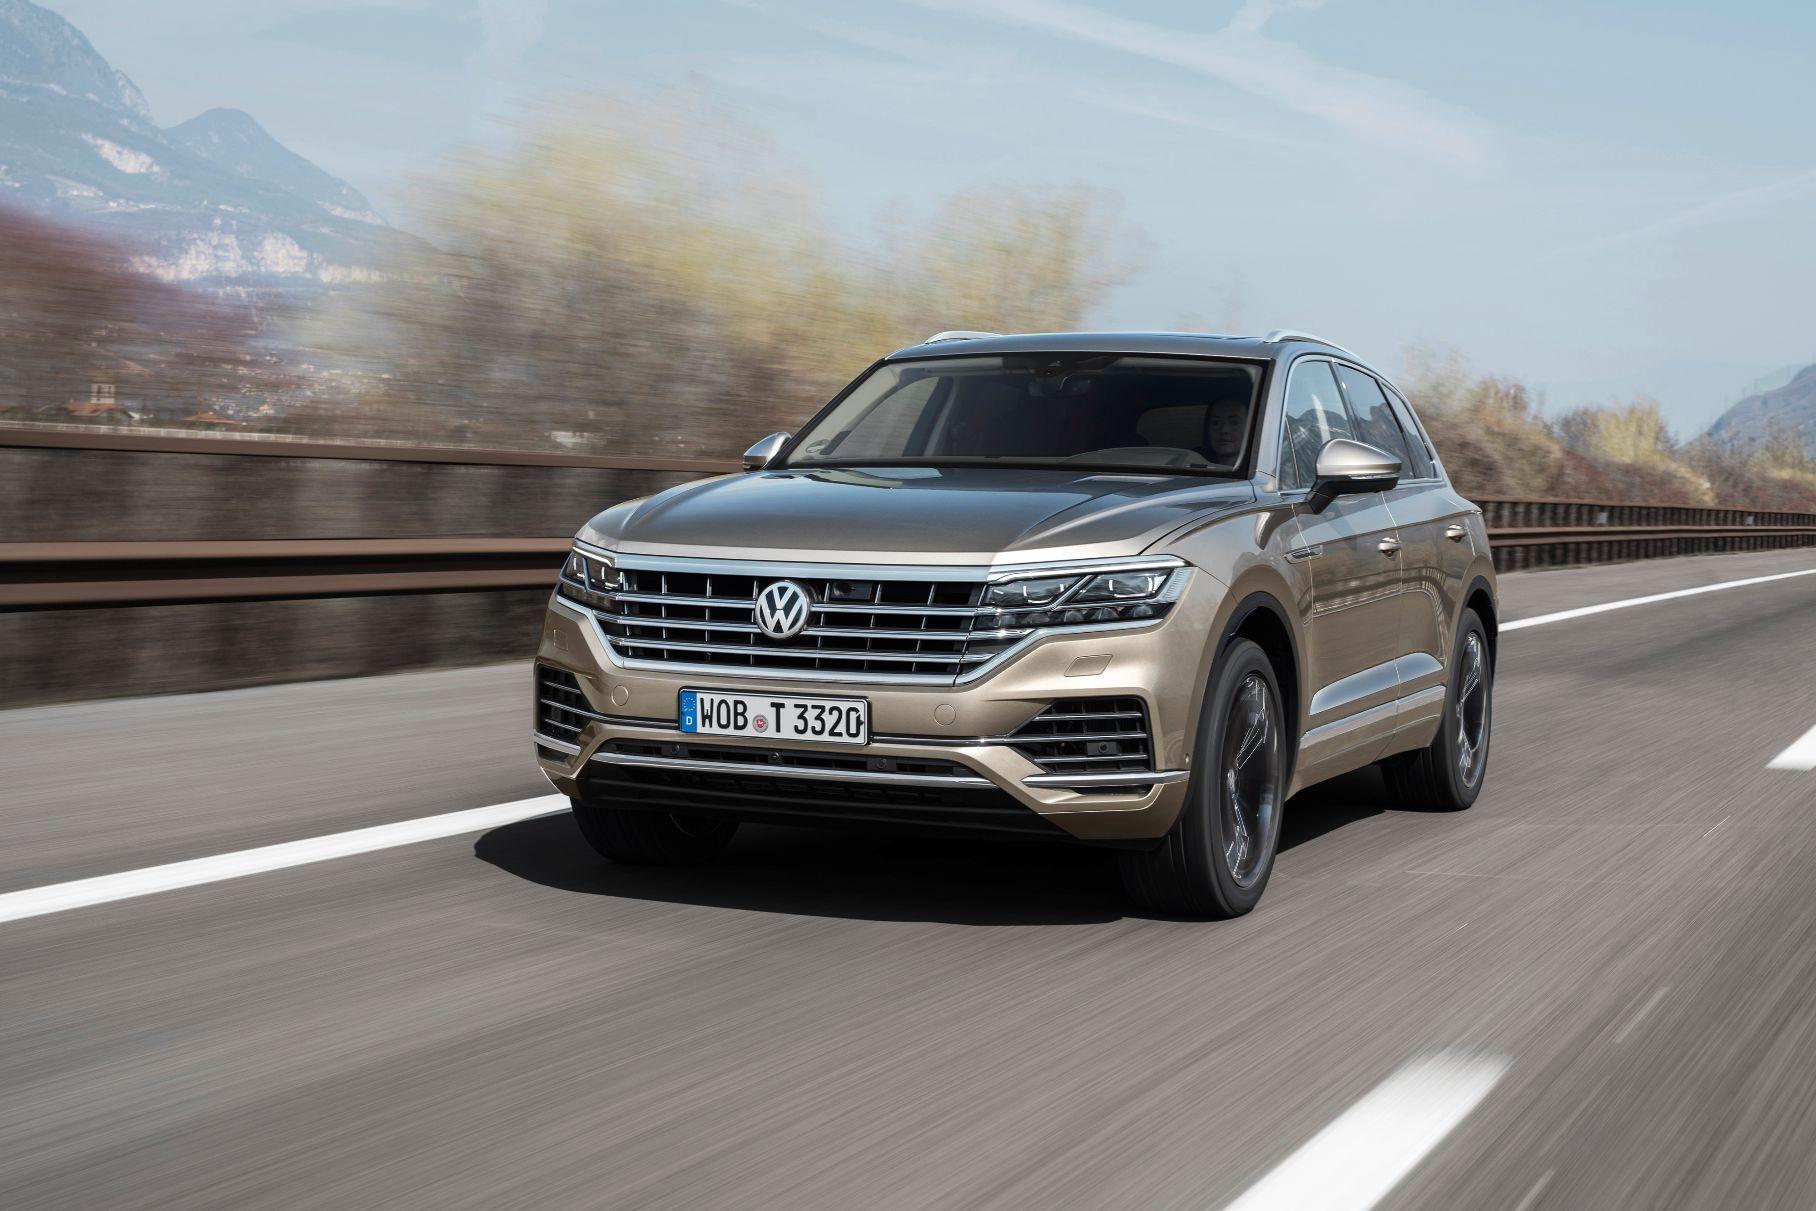 Российский Volkswagen Touareg получил функцию парковки со смартфона